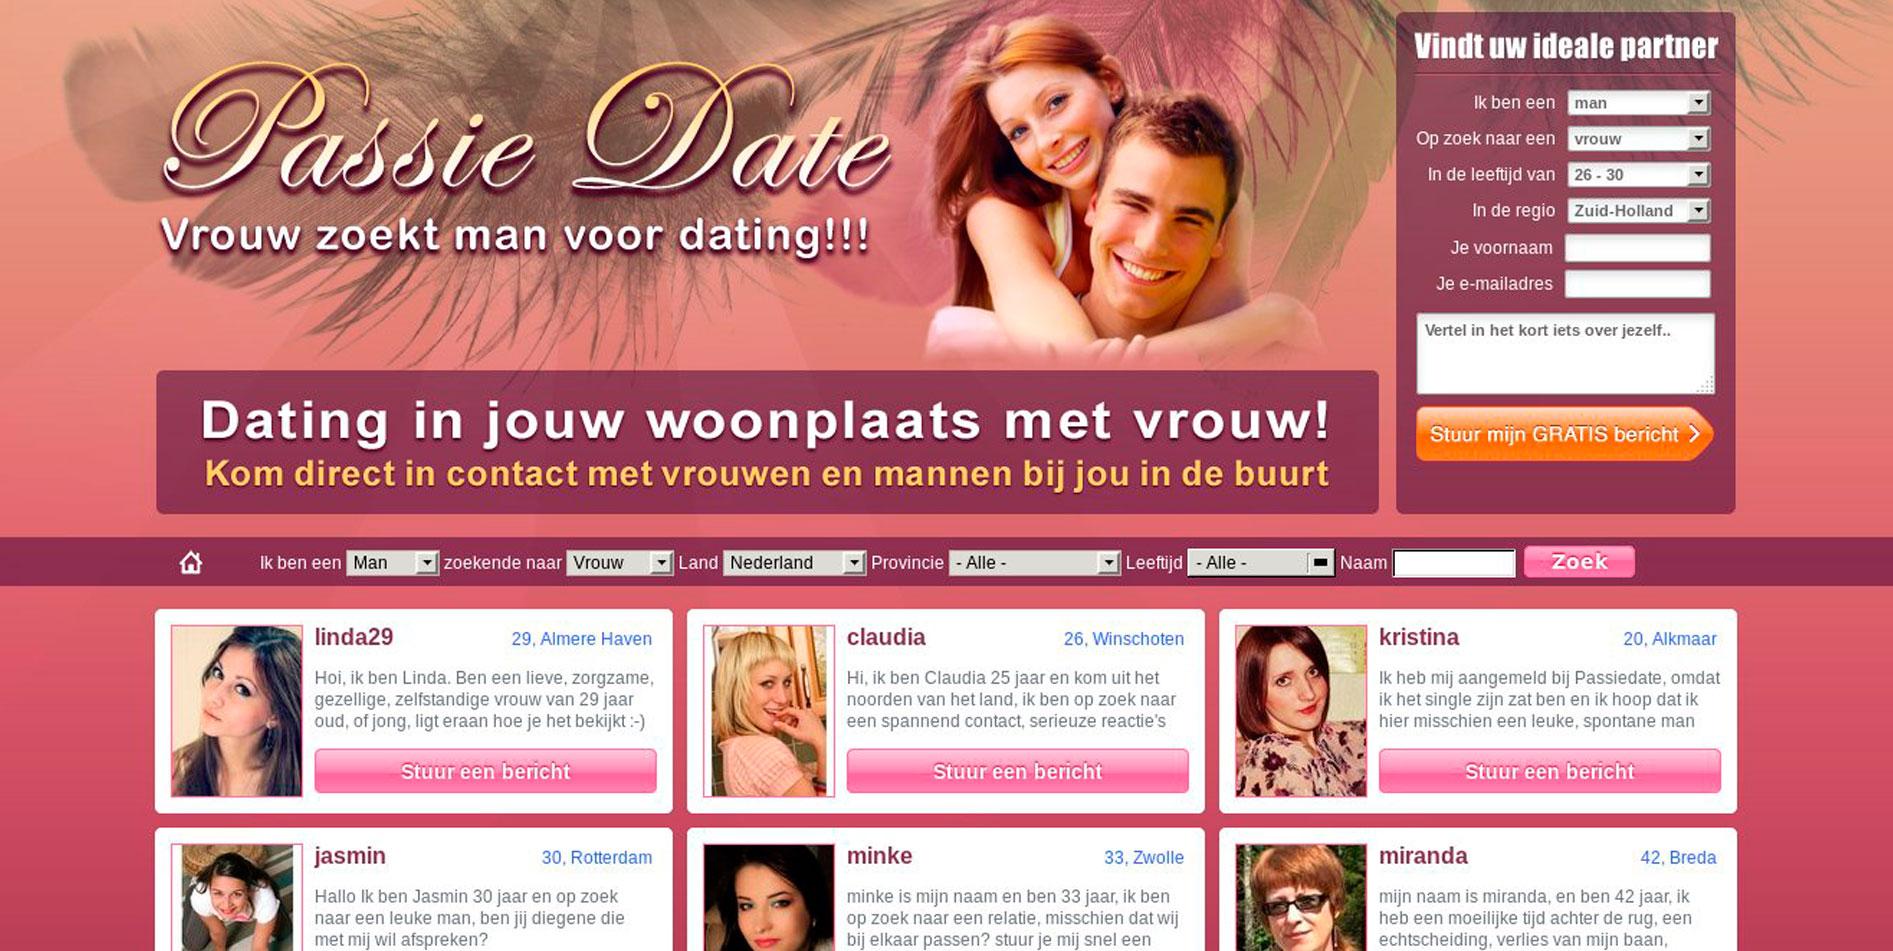 Gratis Datingsites Vergelijken op datingsitesvergelijkennl